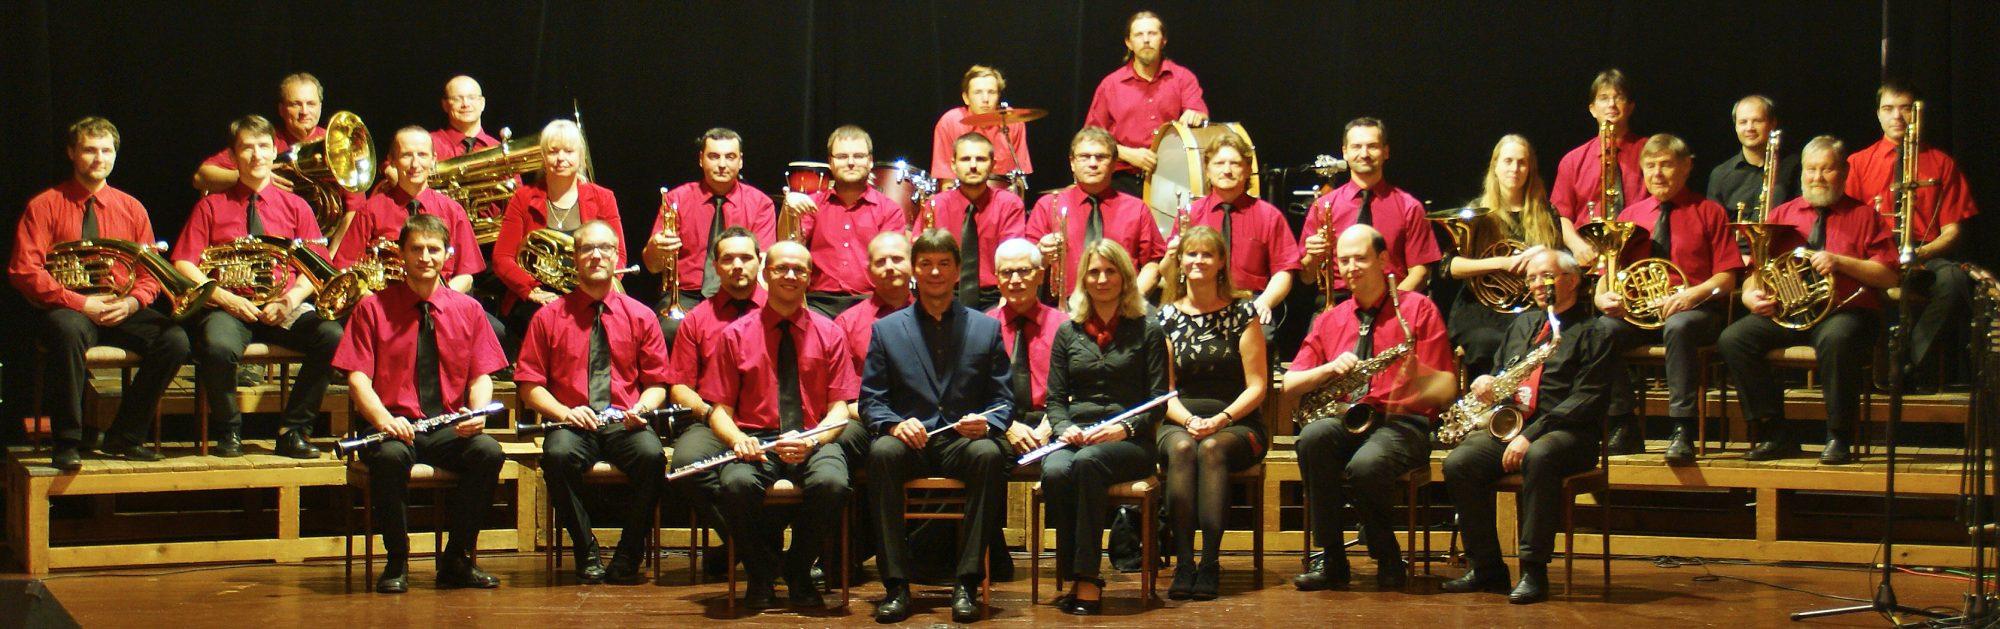 Dechový orchestr města Ústí nad Orlicí